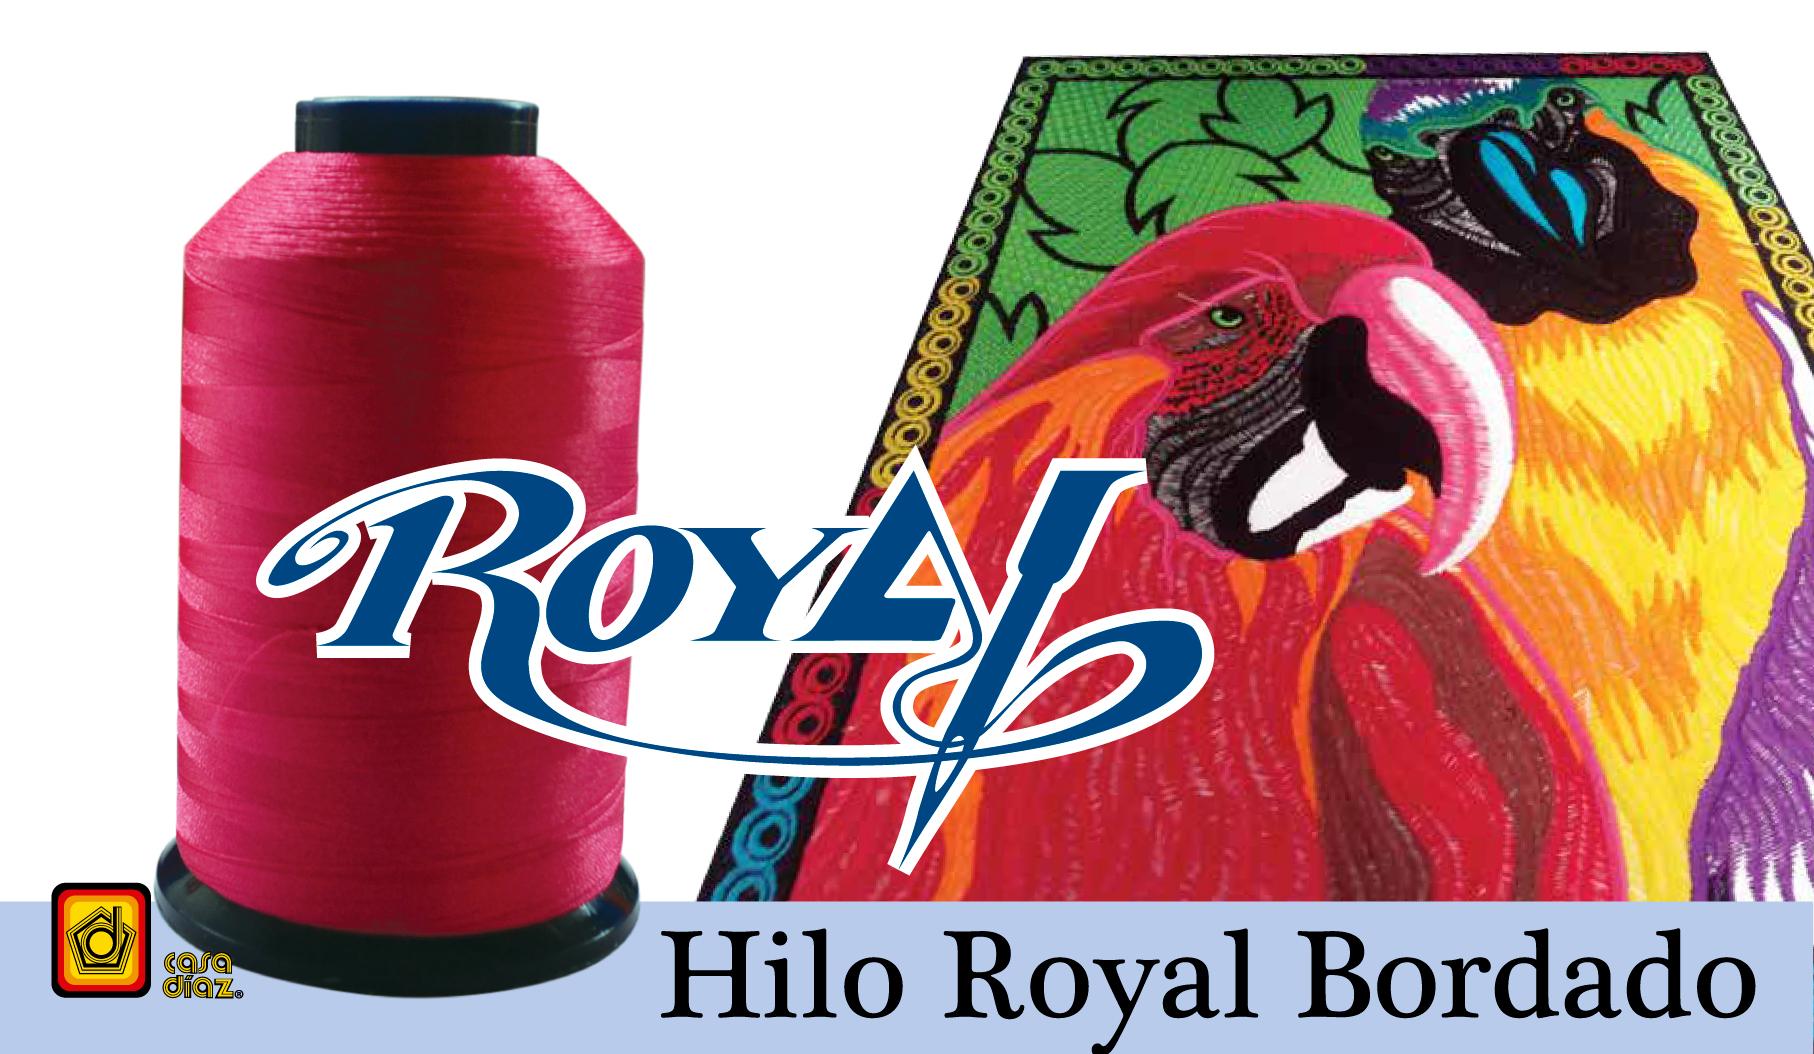 Hilo Royal Bordado